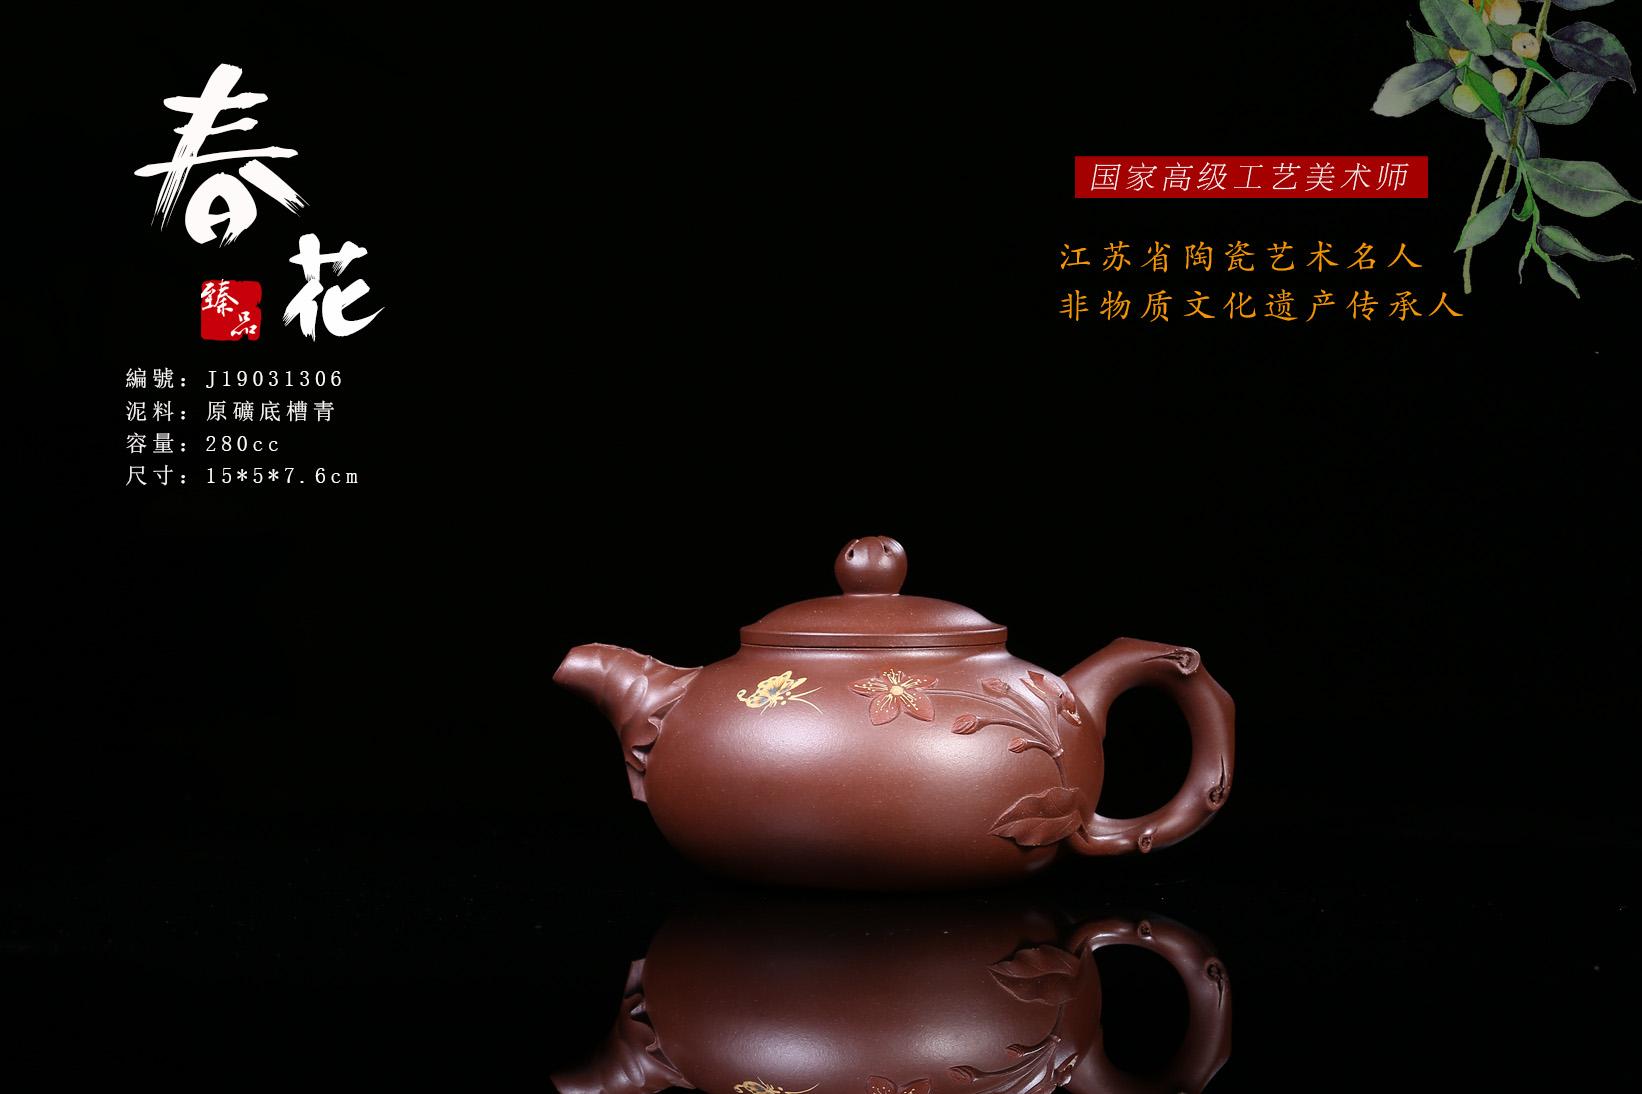 为何都说紫砂利茶?